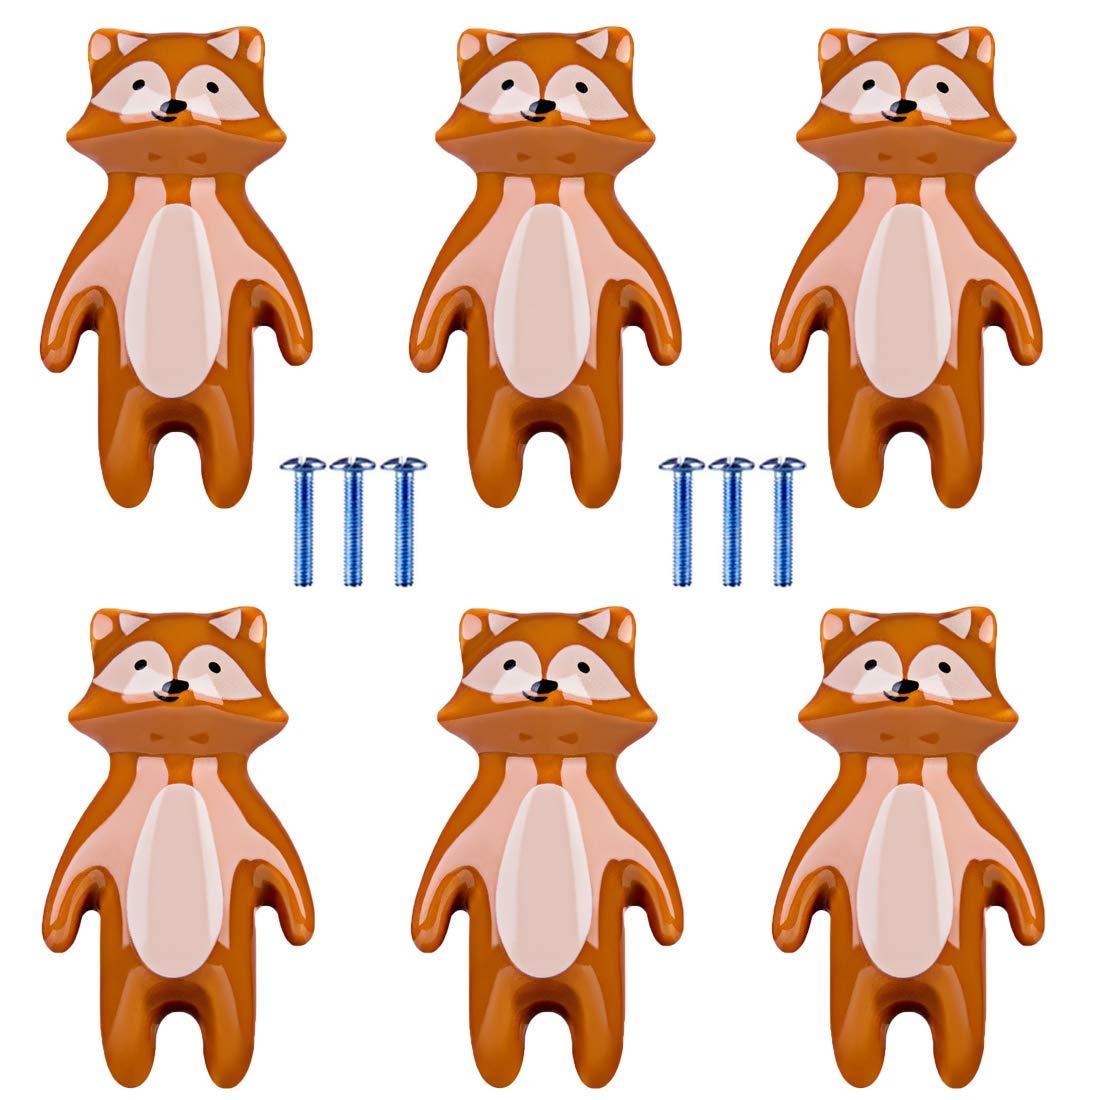 TETAKE M/öbelkn/öpfe Kinderzimmer 6x Keramik Schubladenkn/öpfe Kinder Motiv Tier mit Schraube f/ür M/ädchenzimmer oder Jungenzimmer